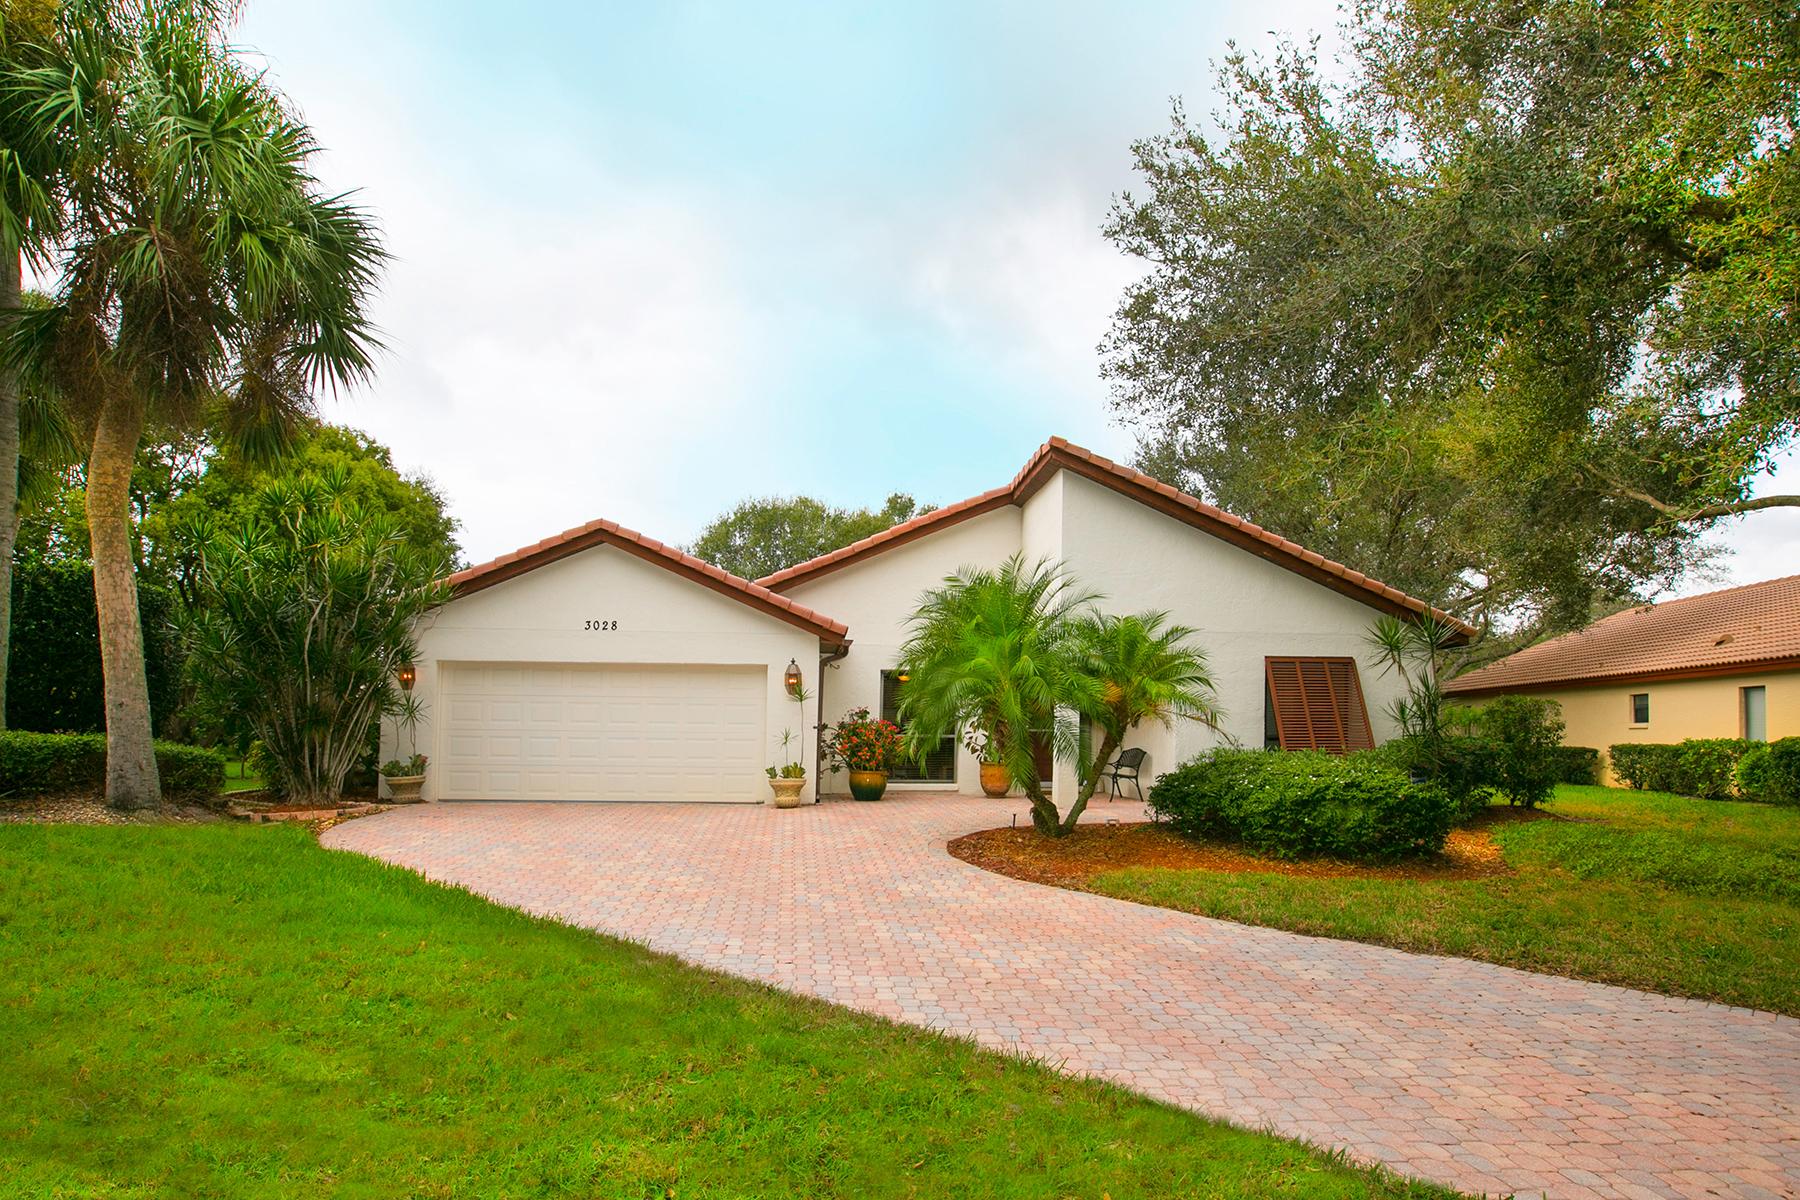 Maison unifamiliale pour l Vente à THE MEADOWS 3028 Rosemead Sarasota, Florida, 34235 États-Unis